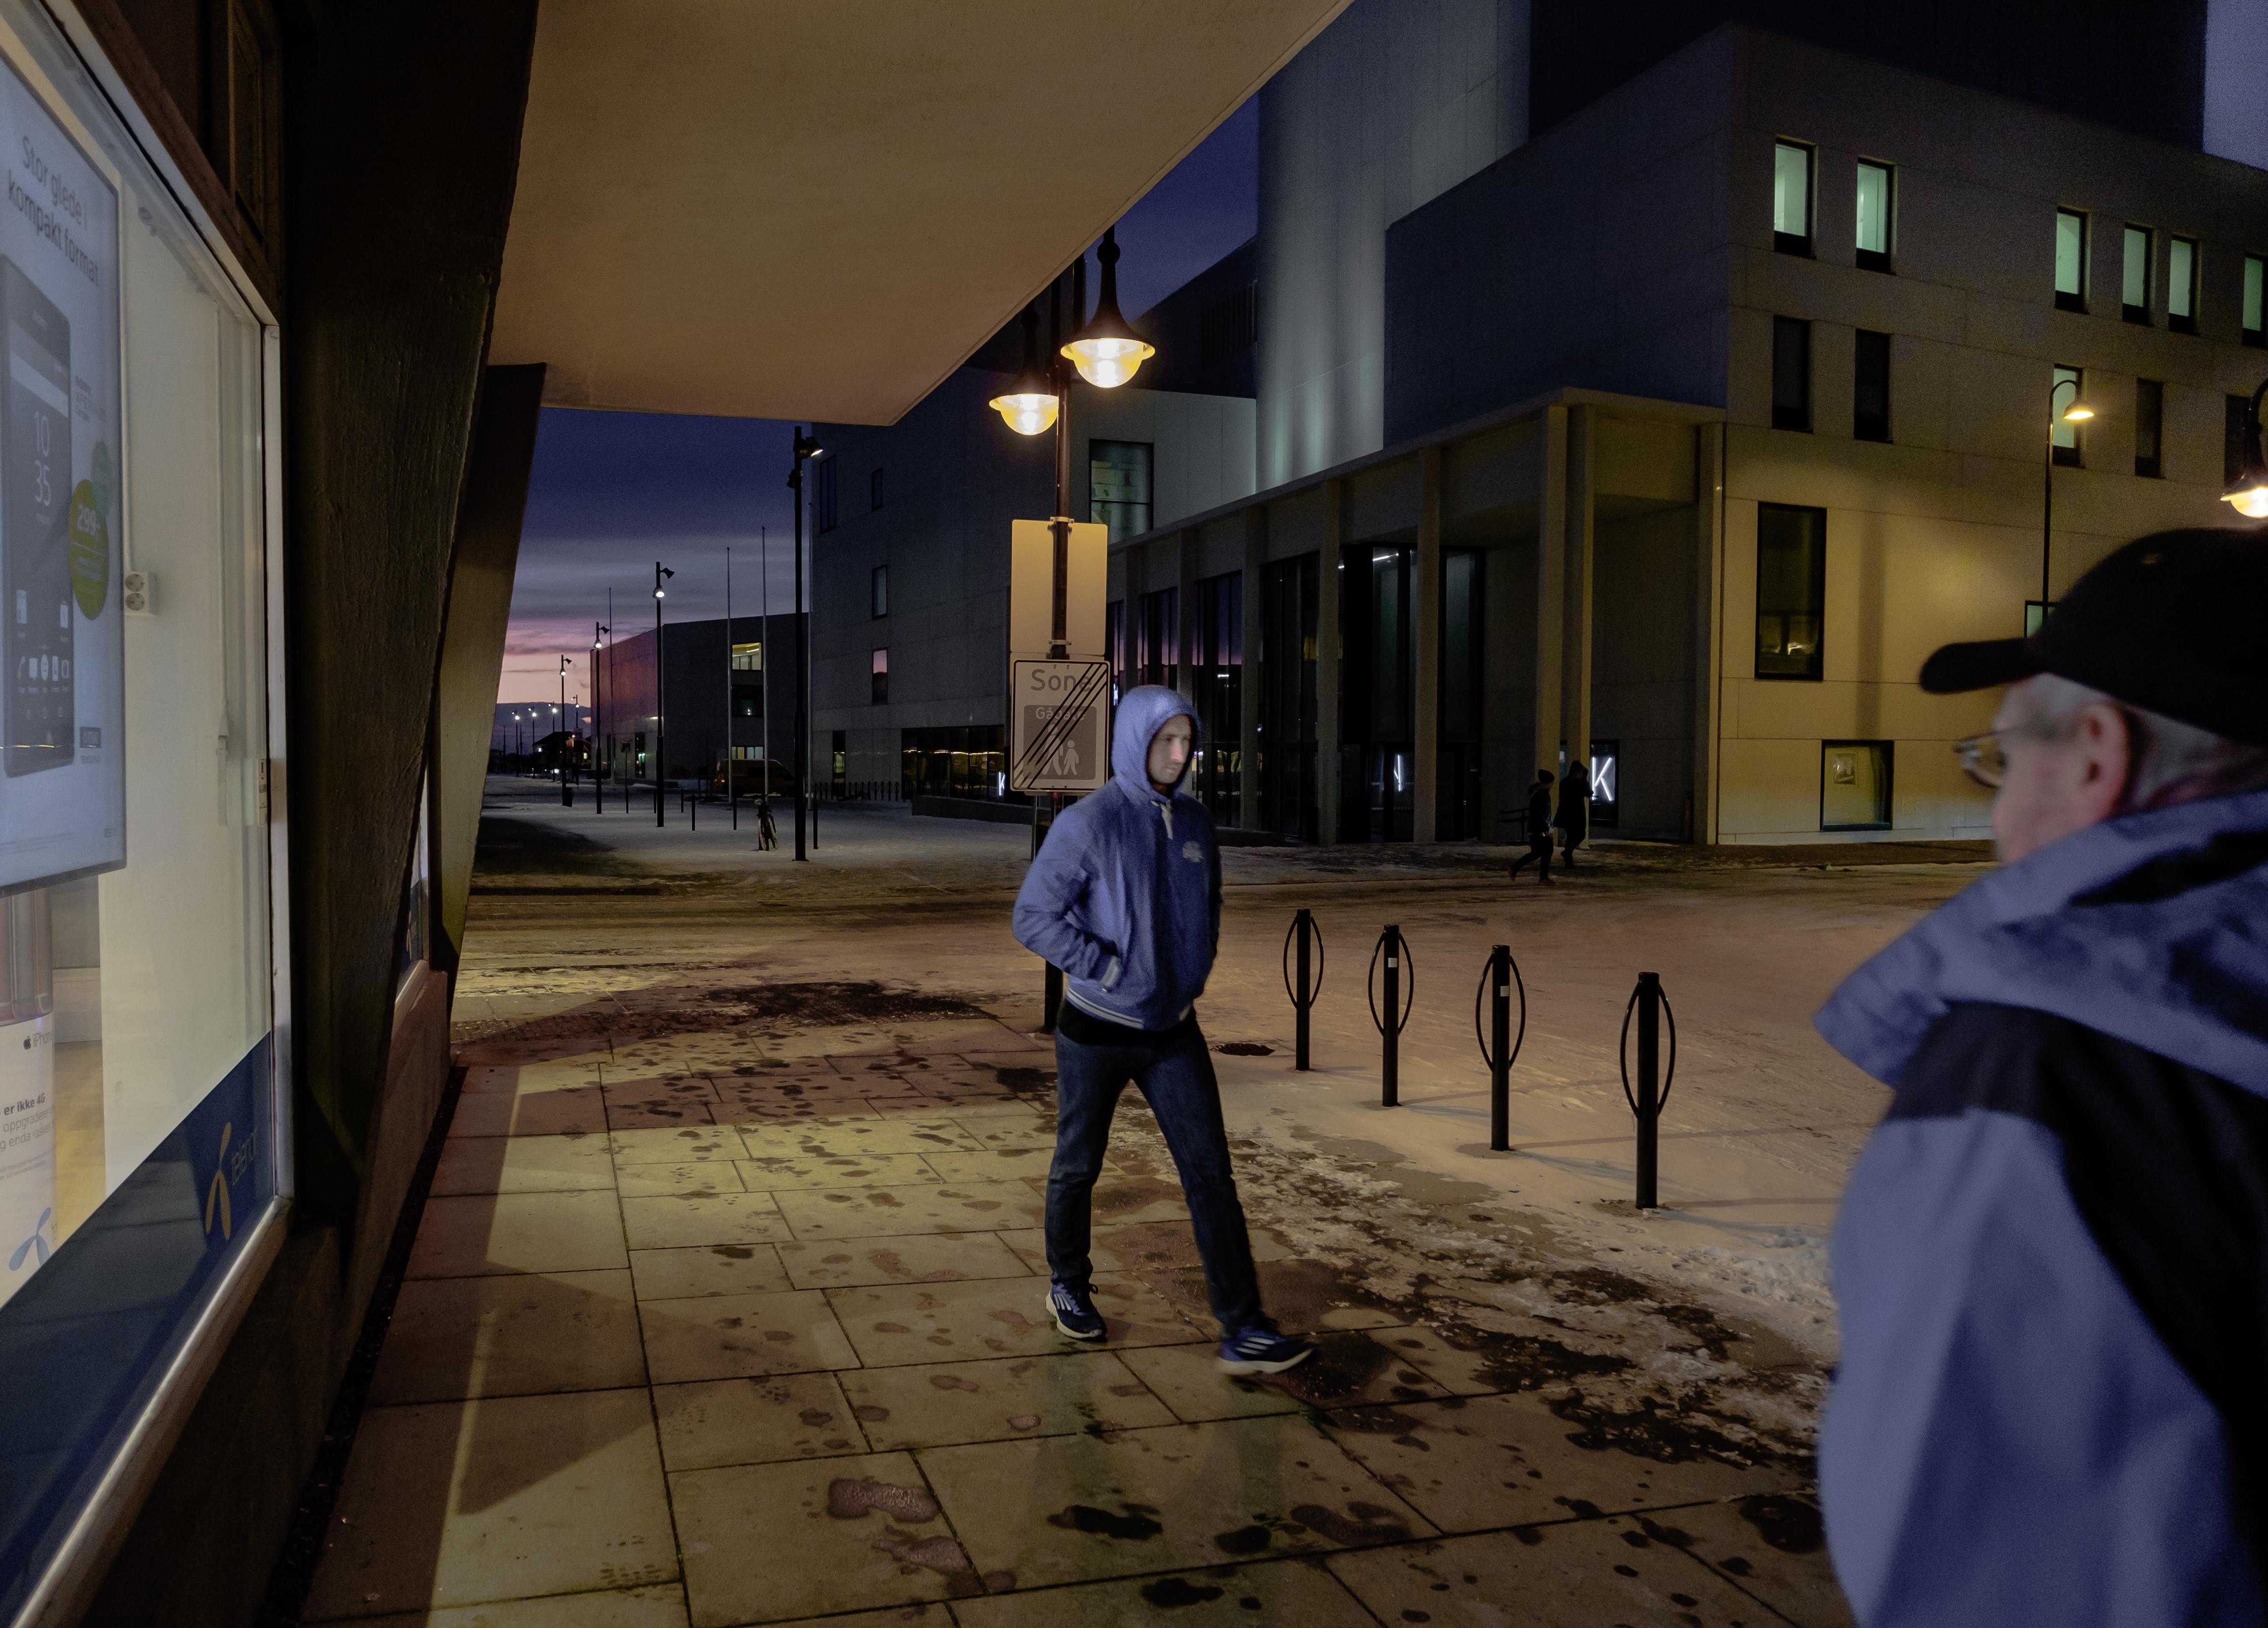 Two Men in Blue, Architechture, Blue, Bodø, Candid, HQ Photo